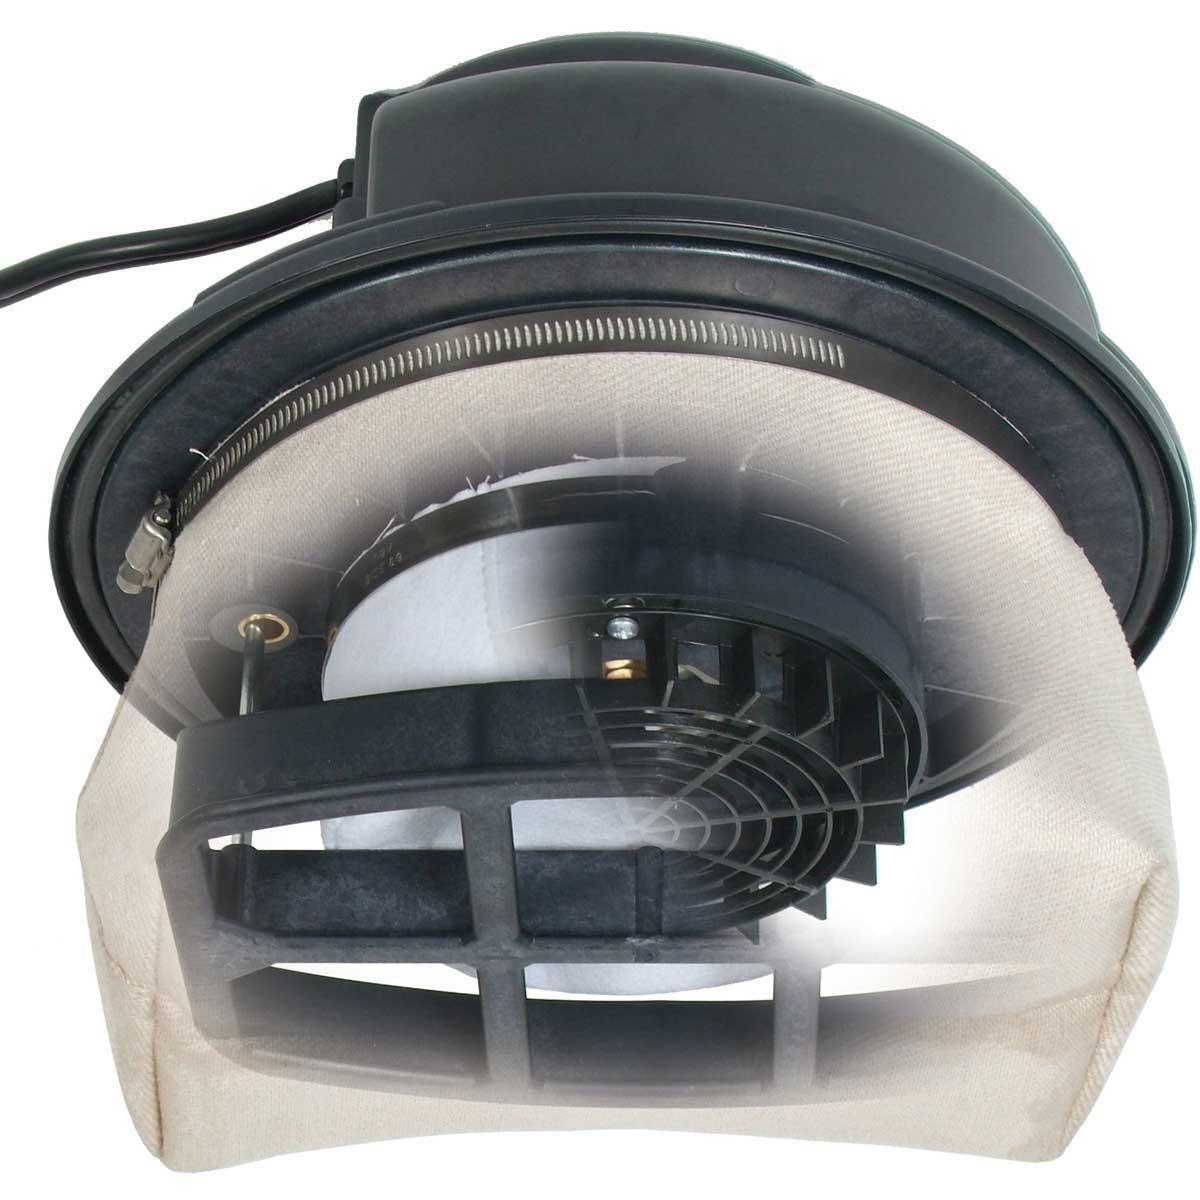 TeqVac Wet Dry Vacuum